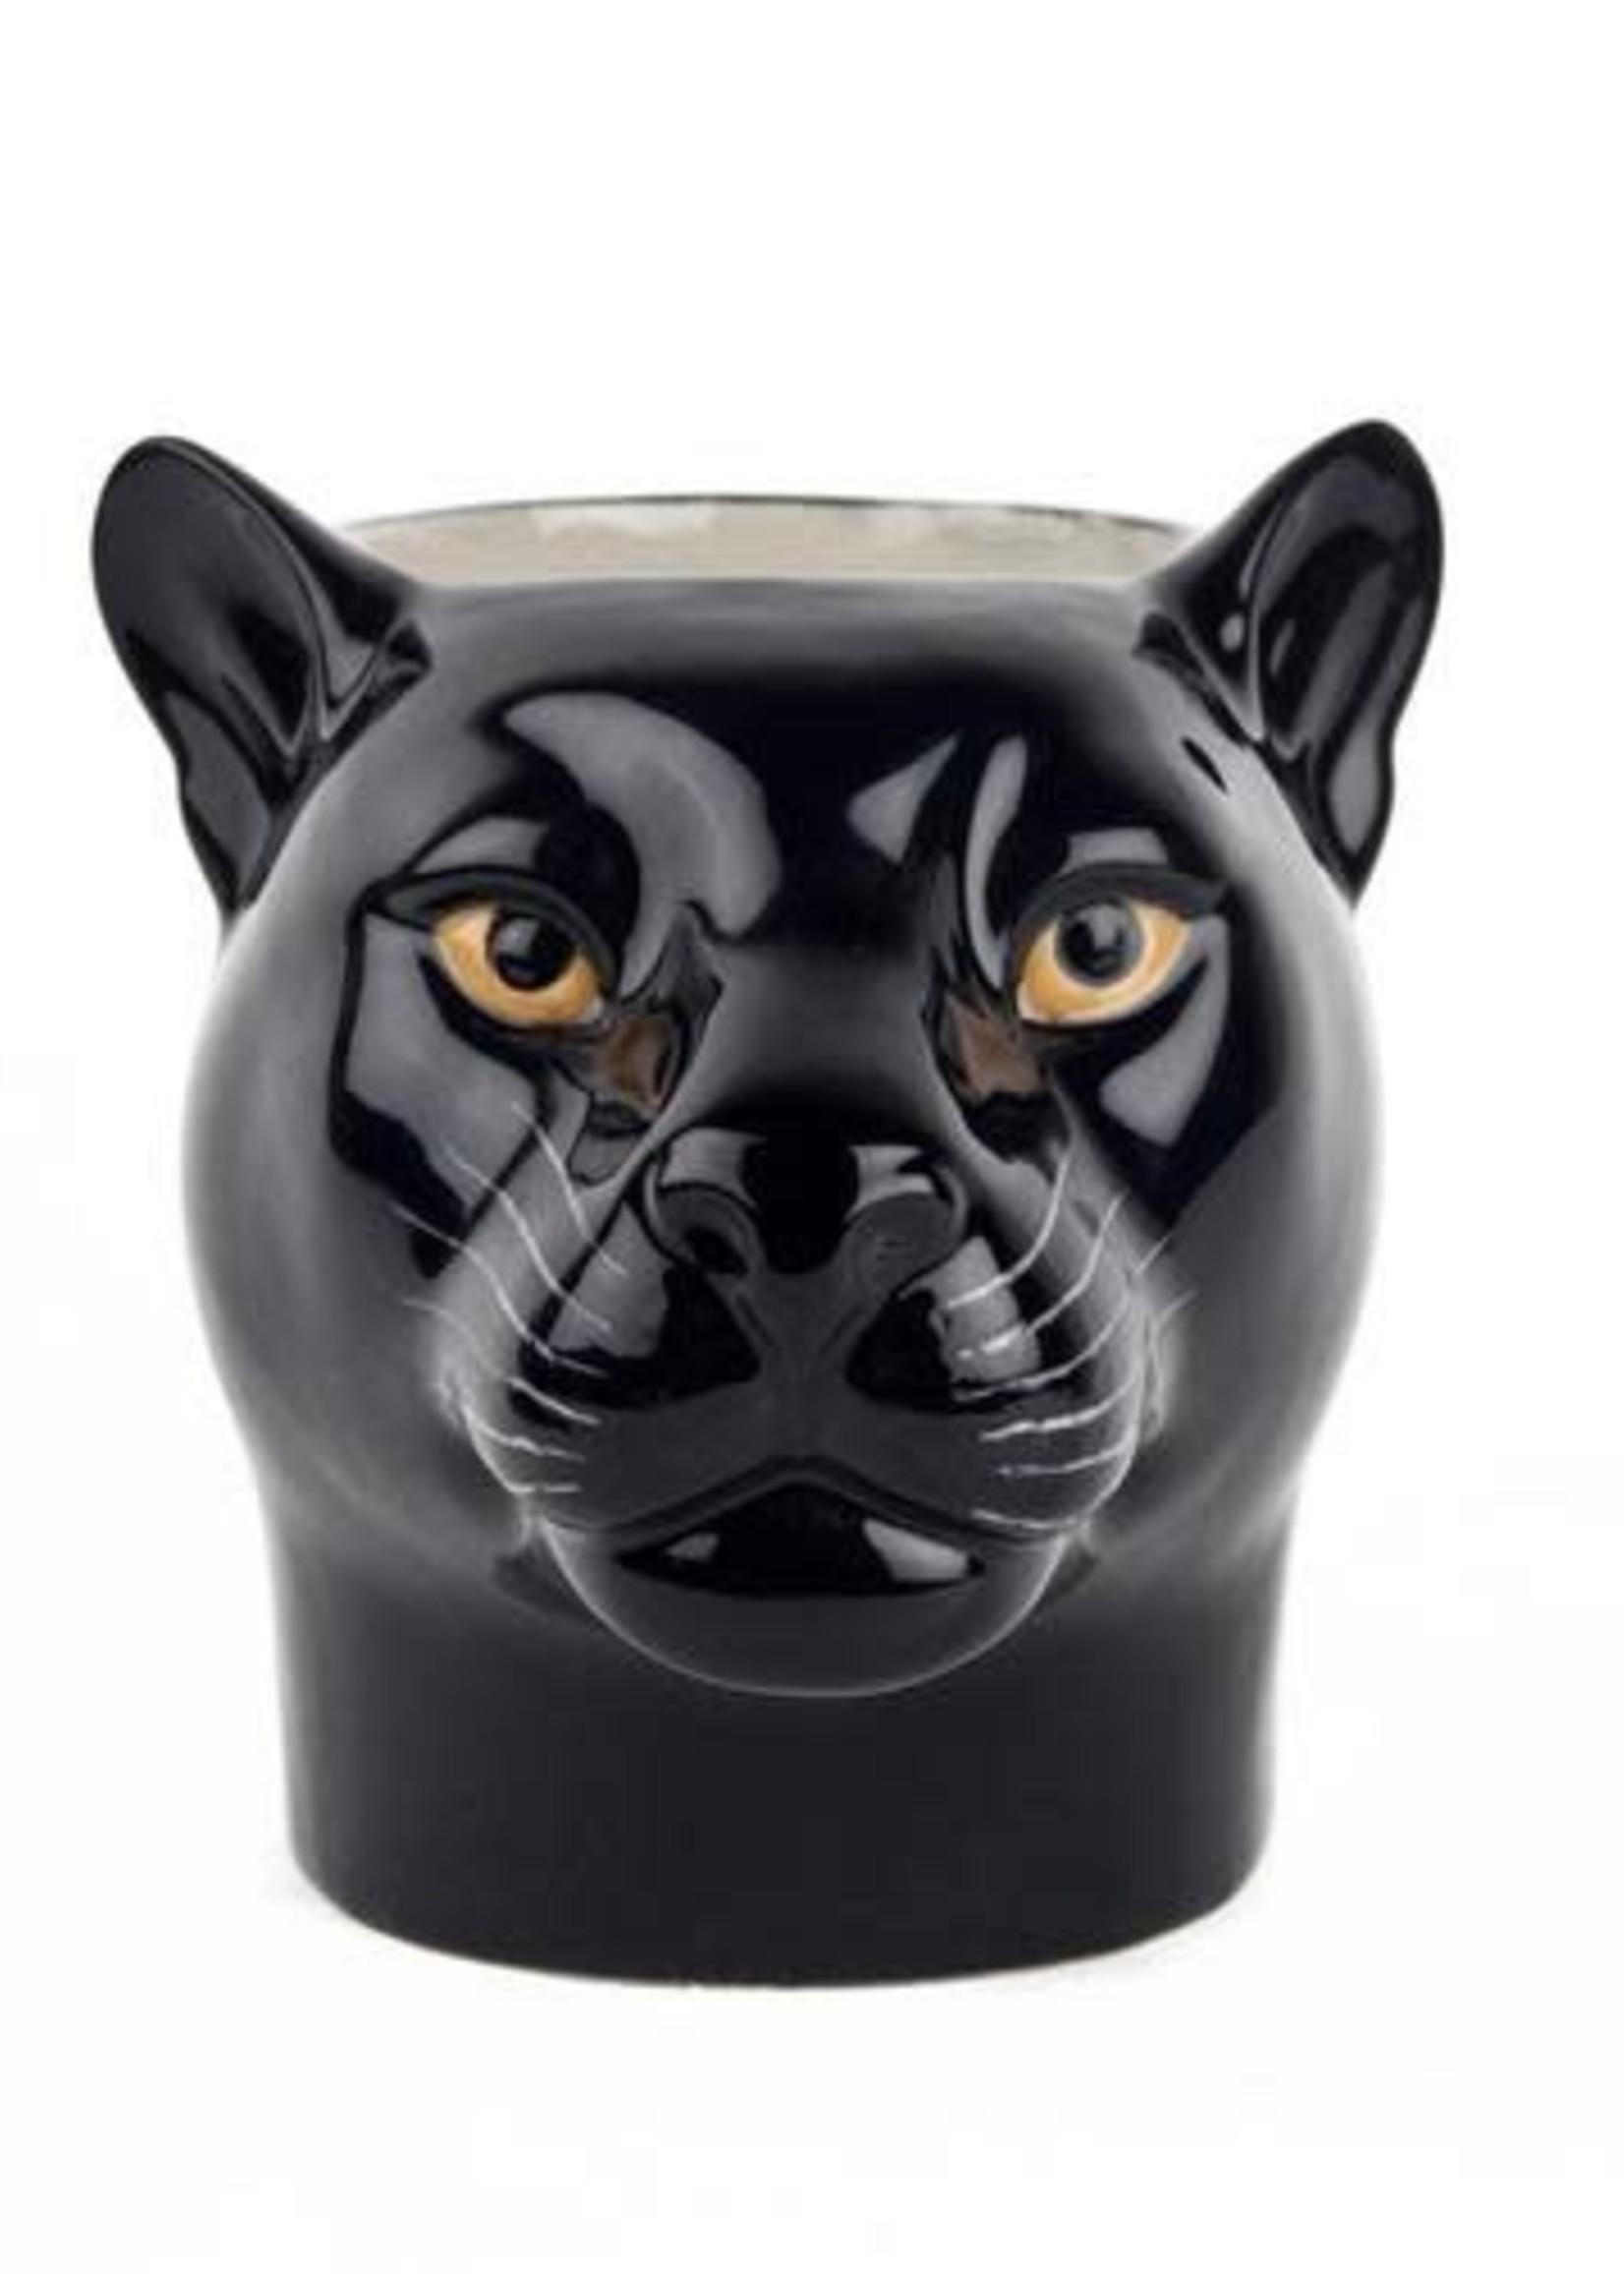 Quail Potje ZWARTE PANTER panther